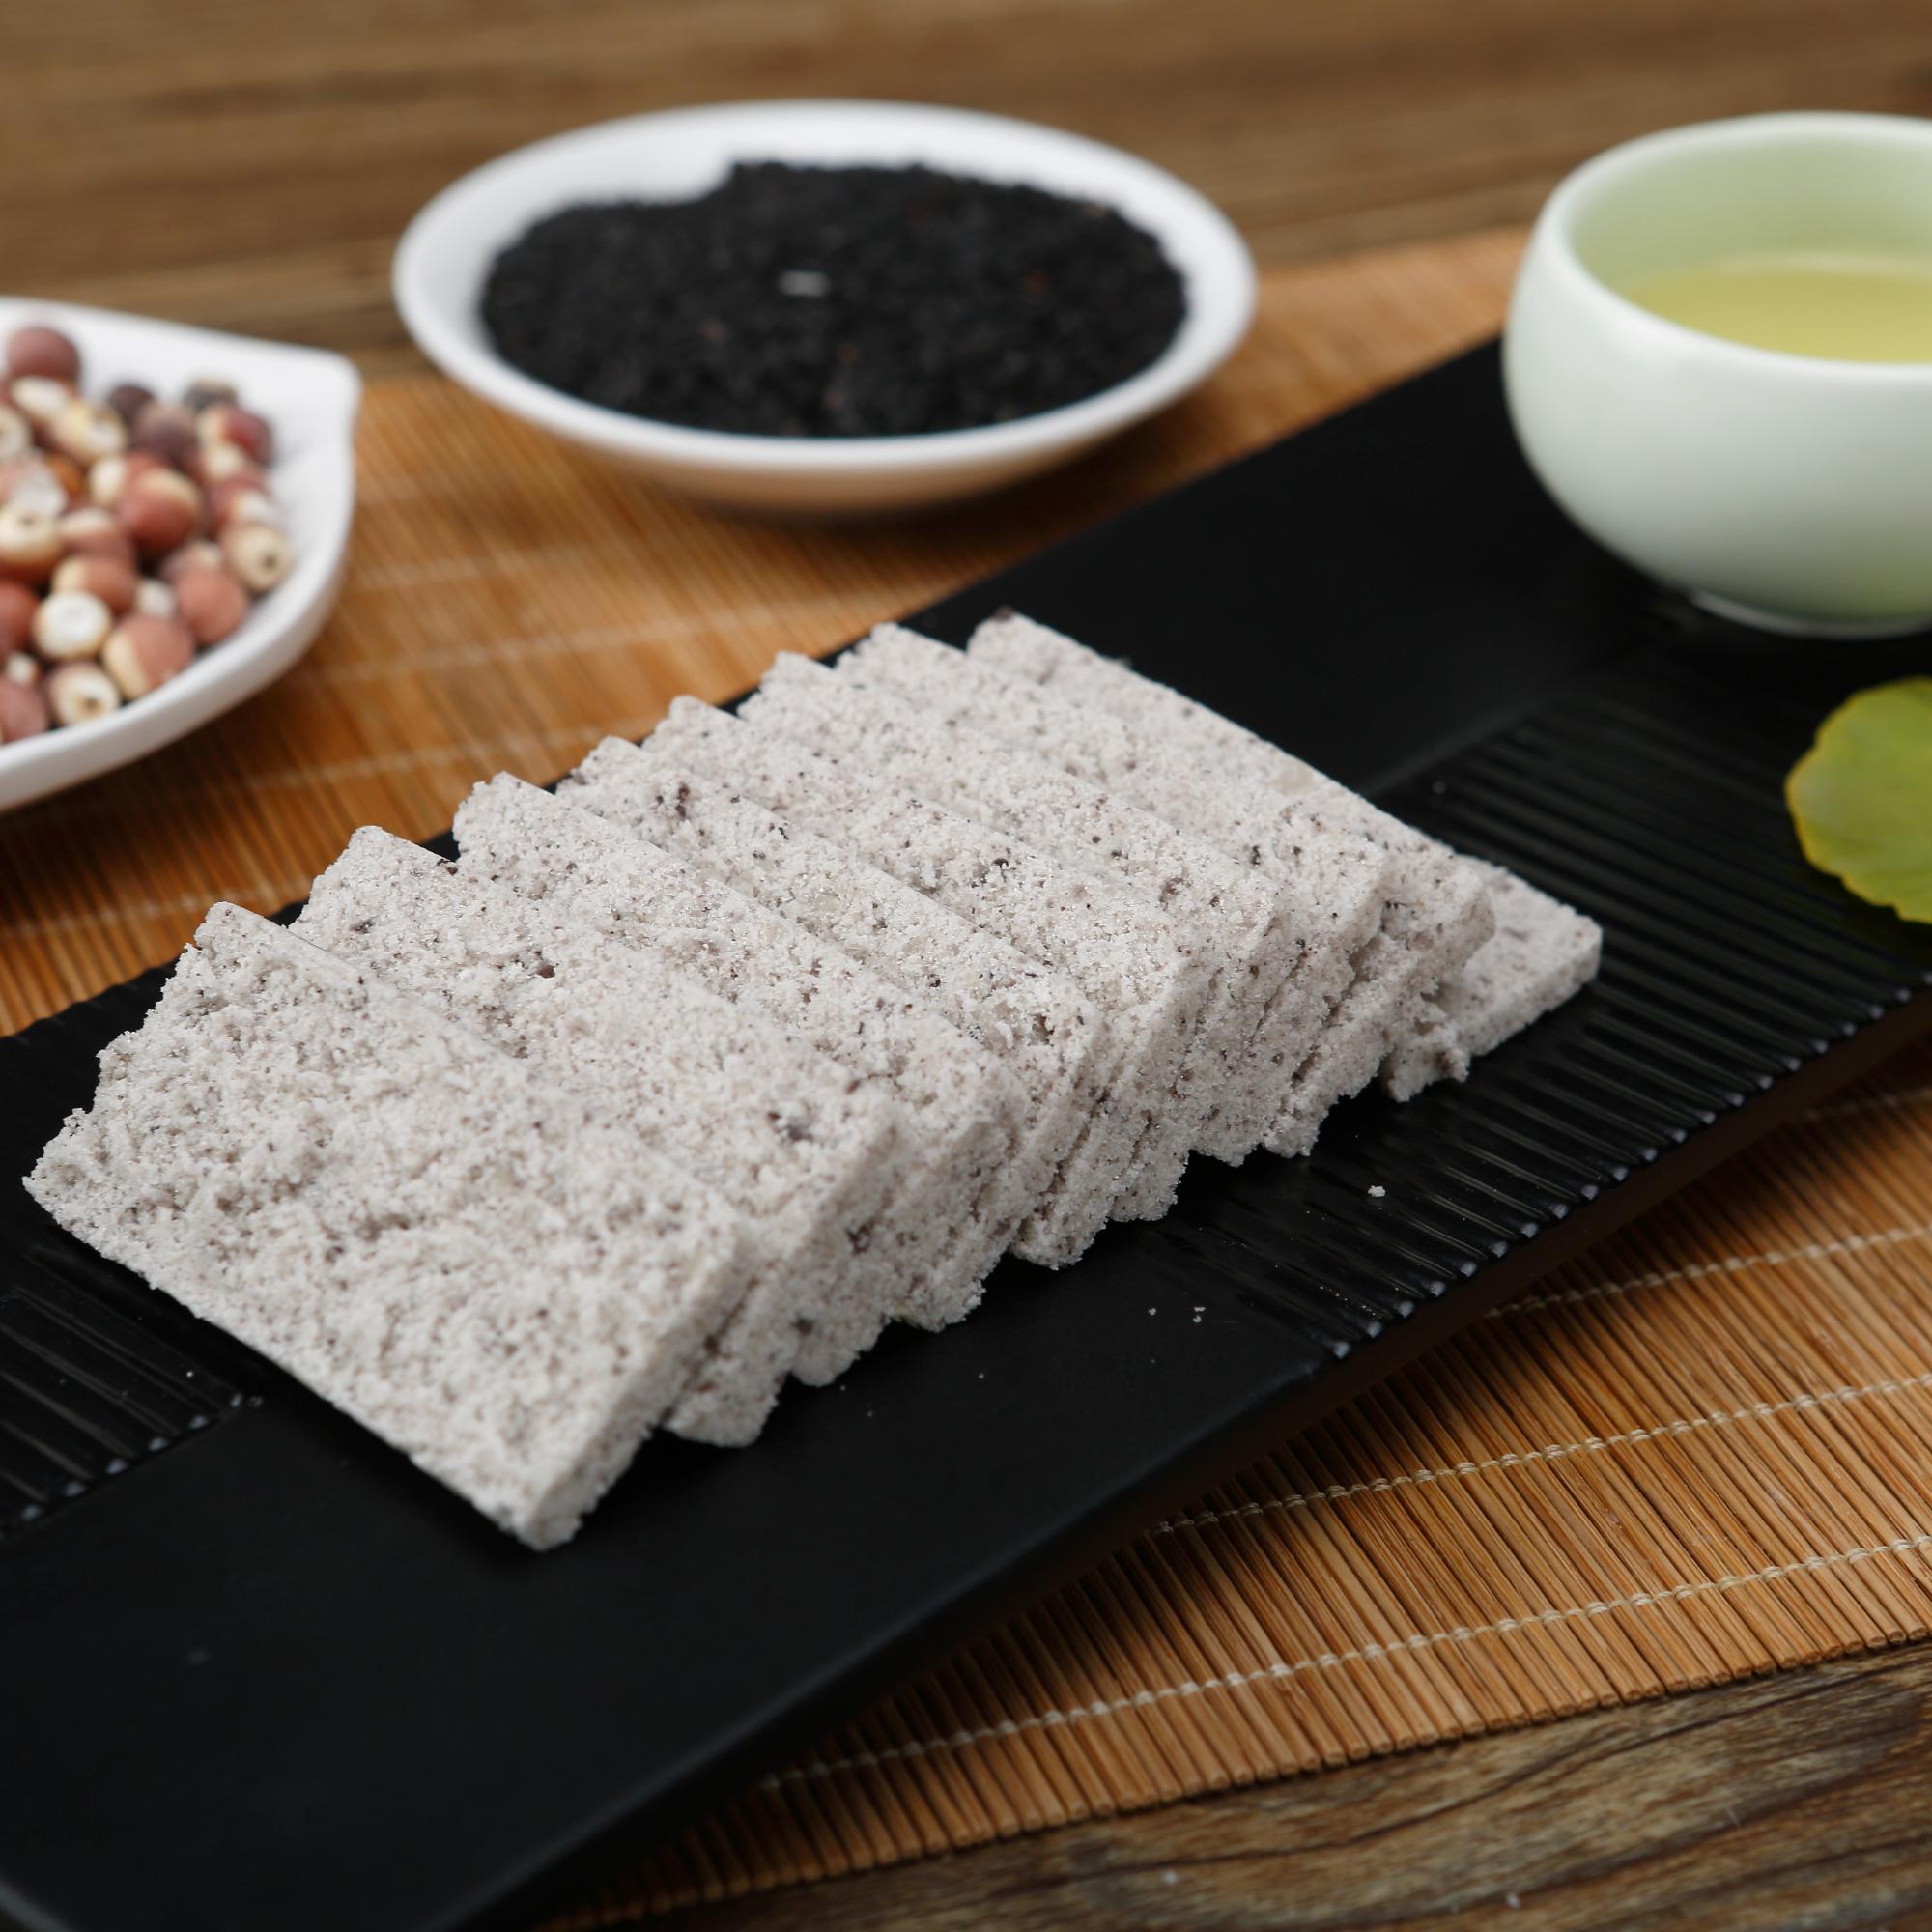 2件包邮 西塘特产八珍糕260G传统食品外婆家糕坊手工制作低糖健康